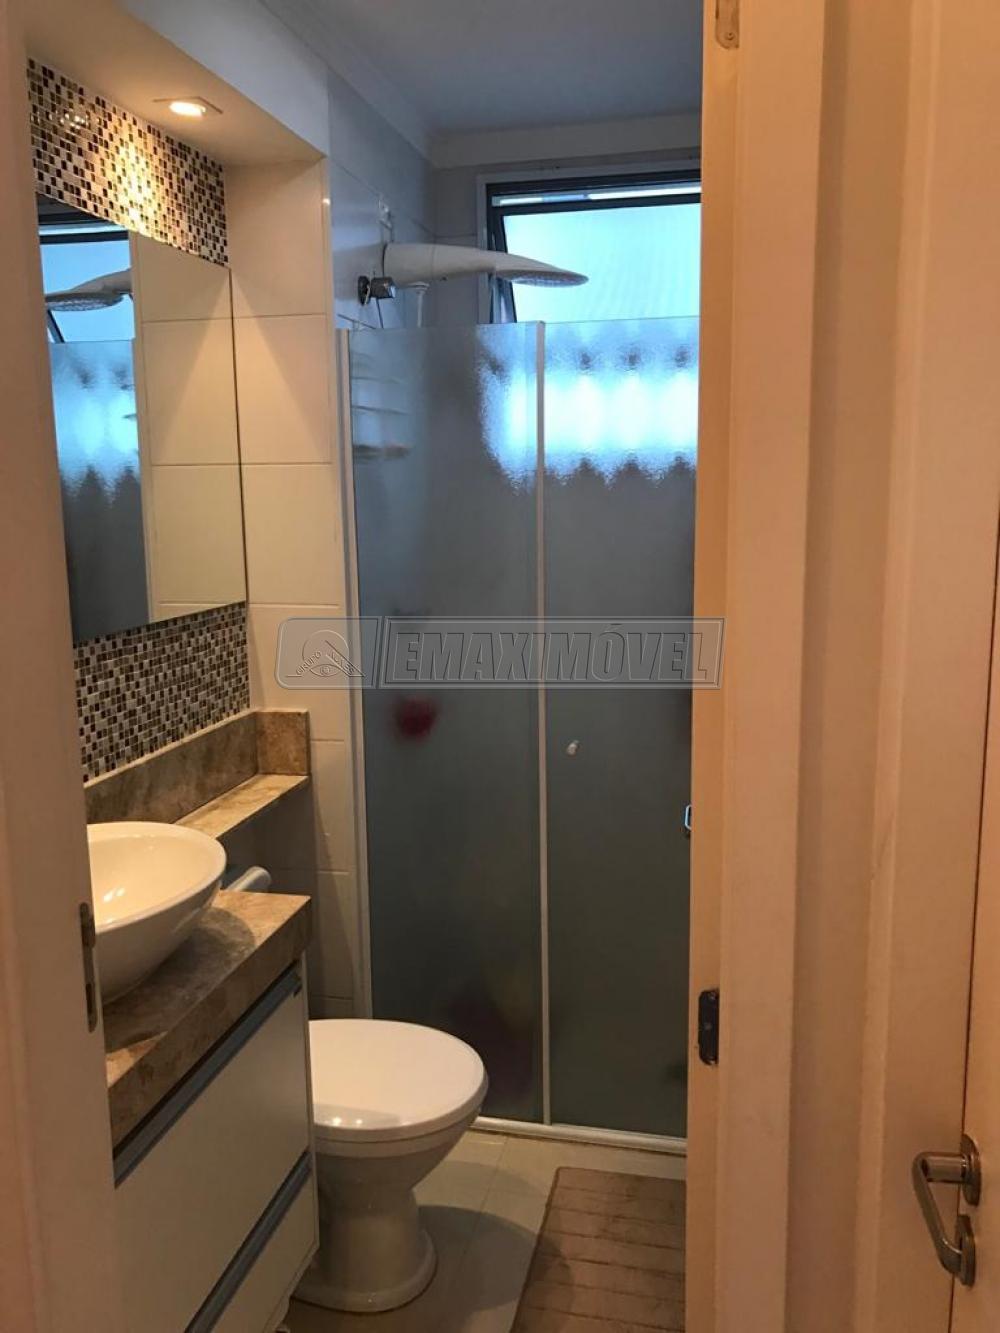 Comprar Apartamentos / Apto Padrão em Sorocaba apenas R$ 225.000,00 - Foto 13